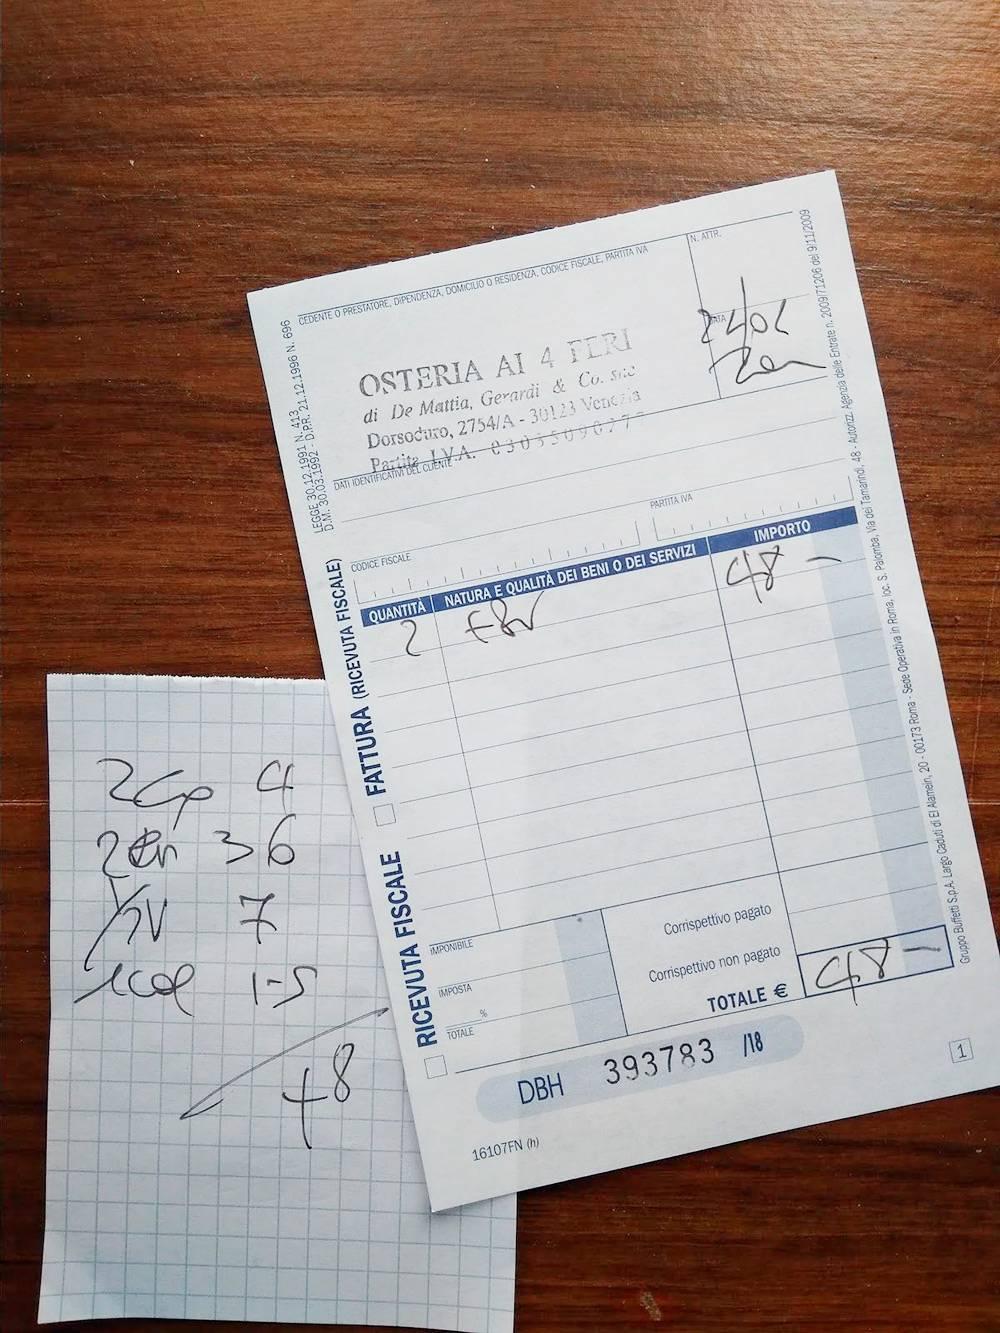 Чек на двоих из ресторана в районе Дорсодуро: обслуживание — 4€, паста с крабом — 36€, 0,5 л белого вина — 7€, эспрессо — 1,5€